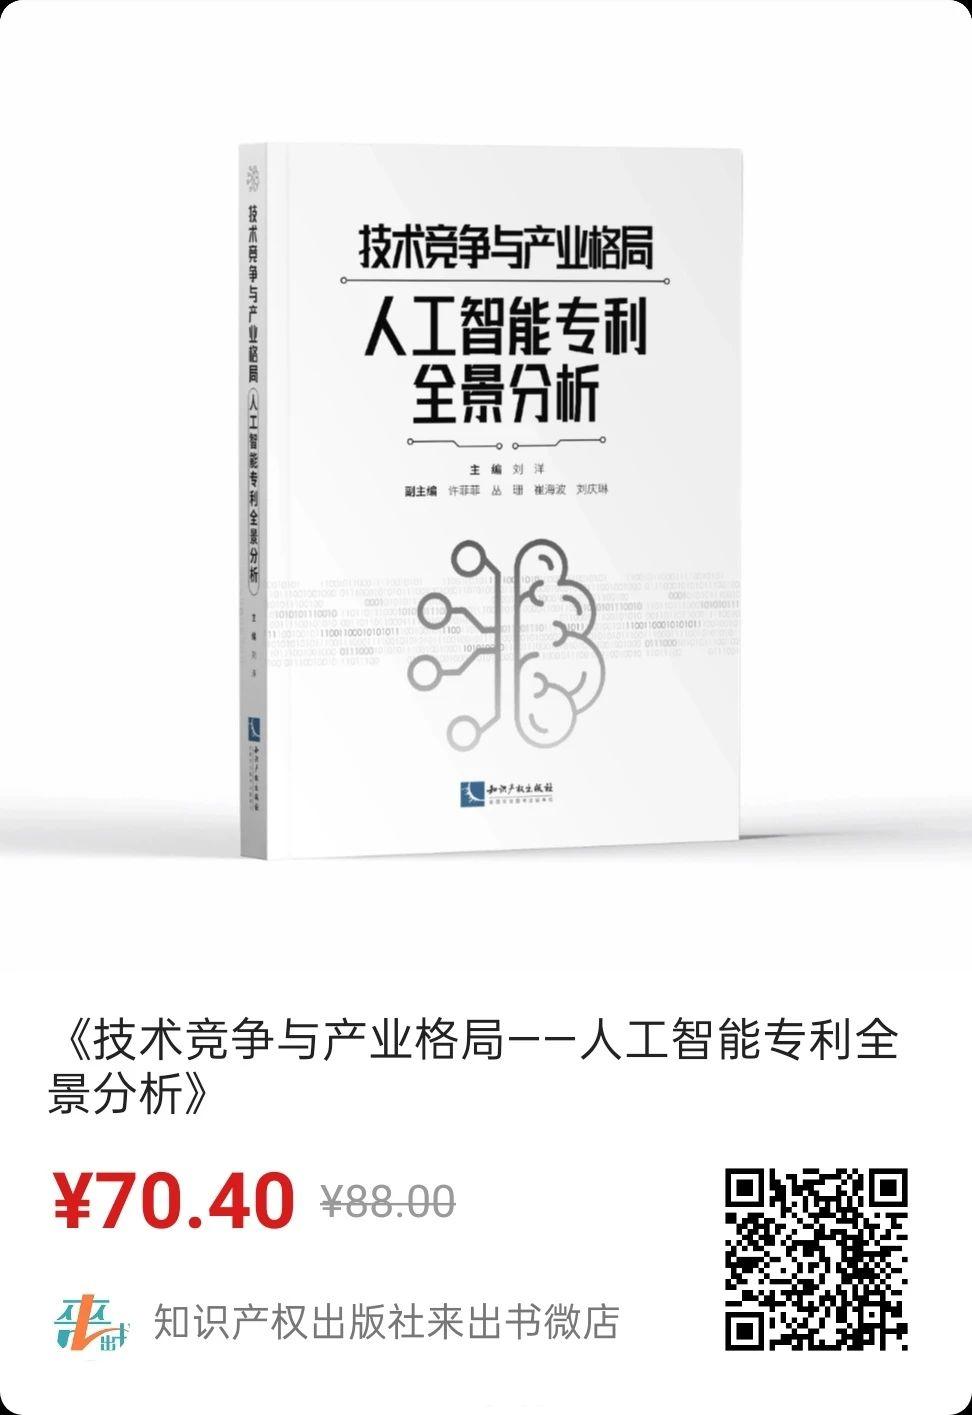 赠书活动!《技术竞争与产业格局——人工智能专利全景分析》